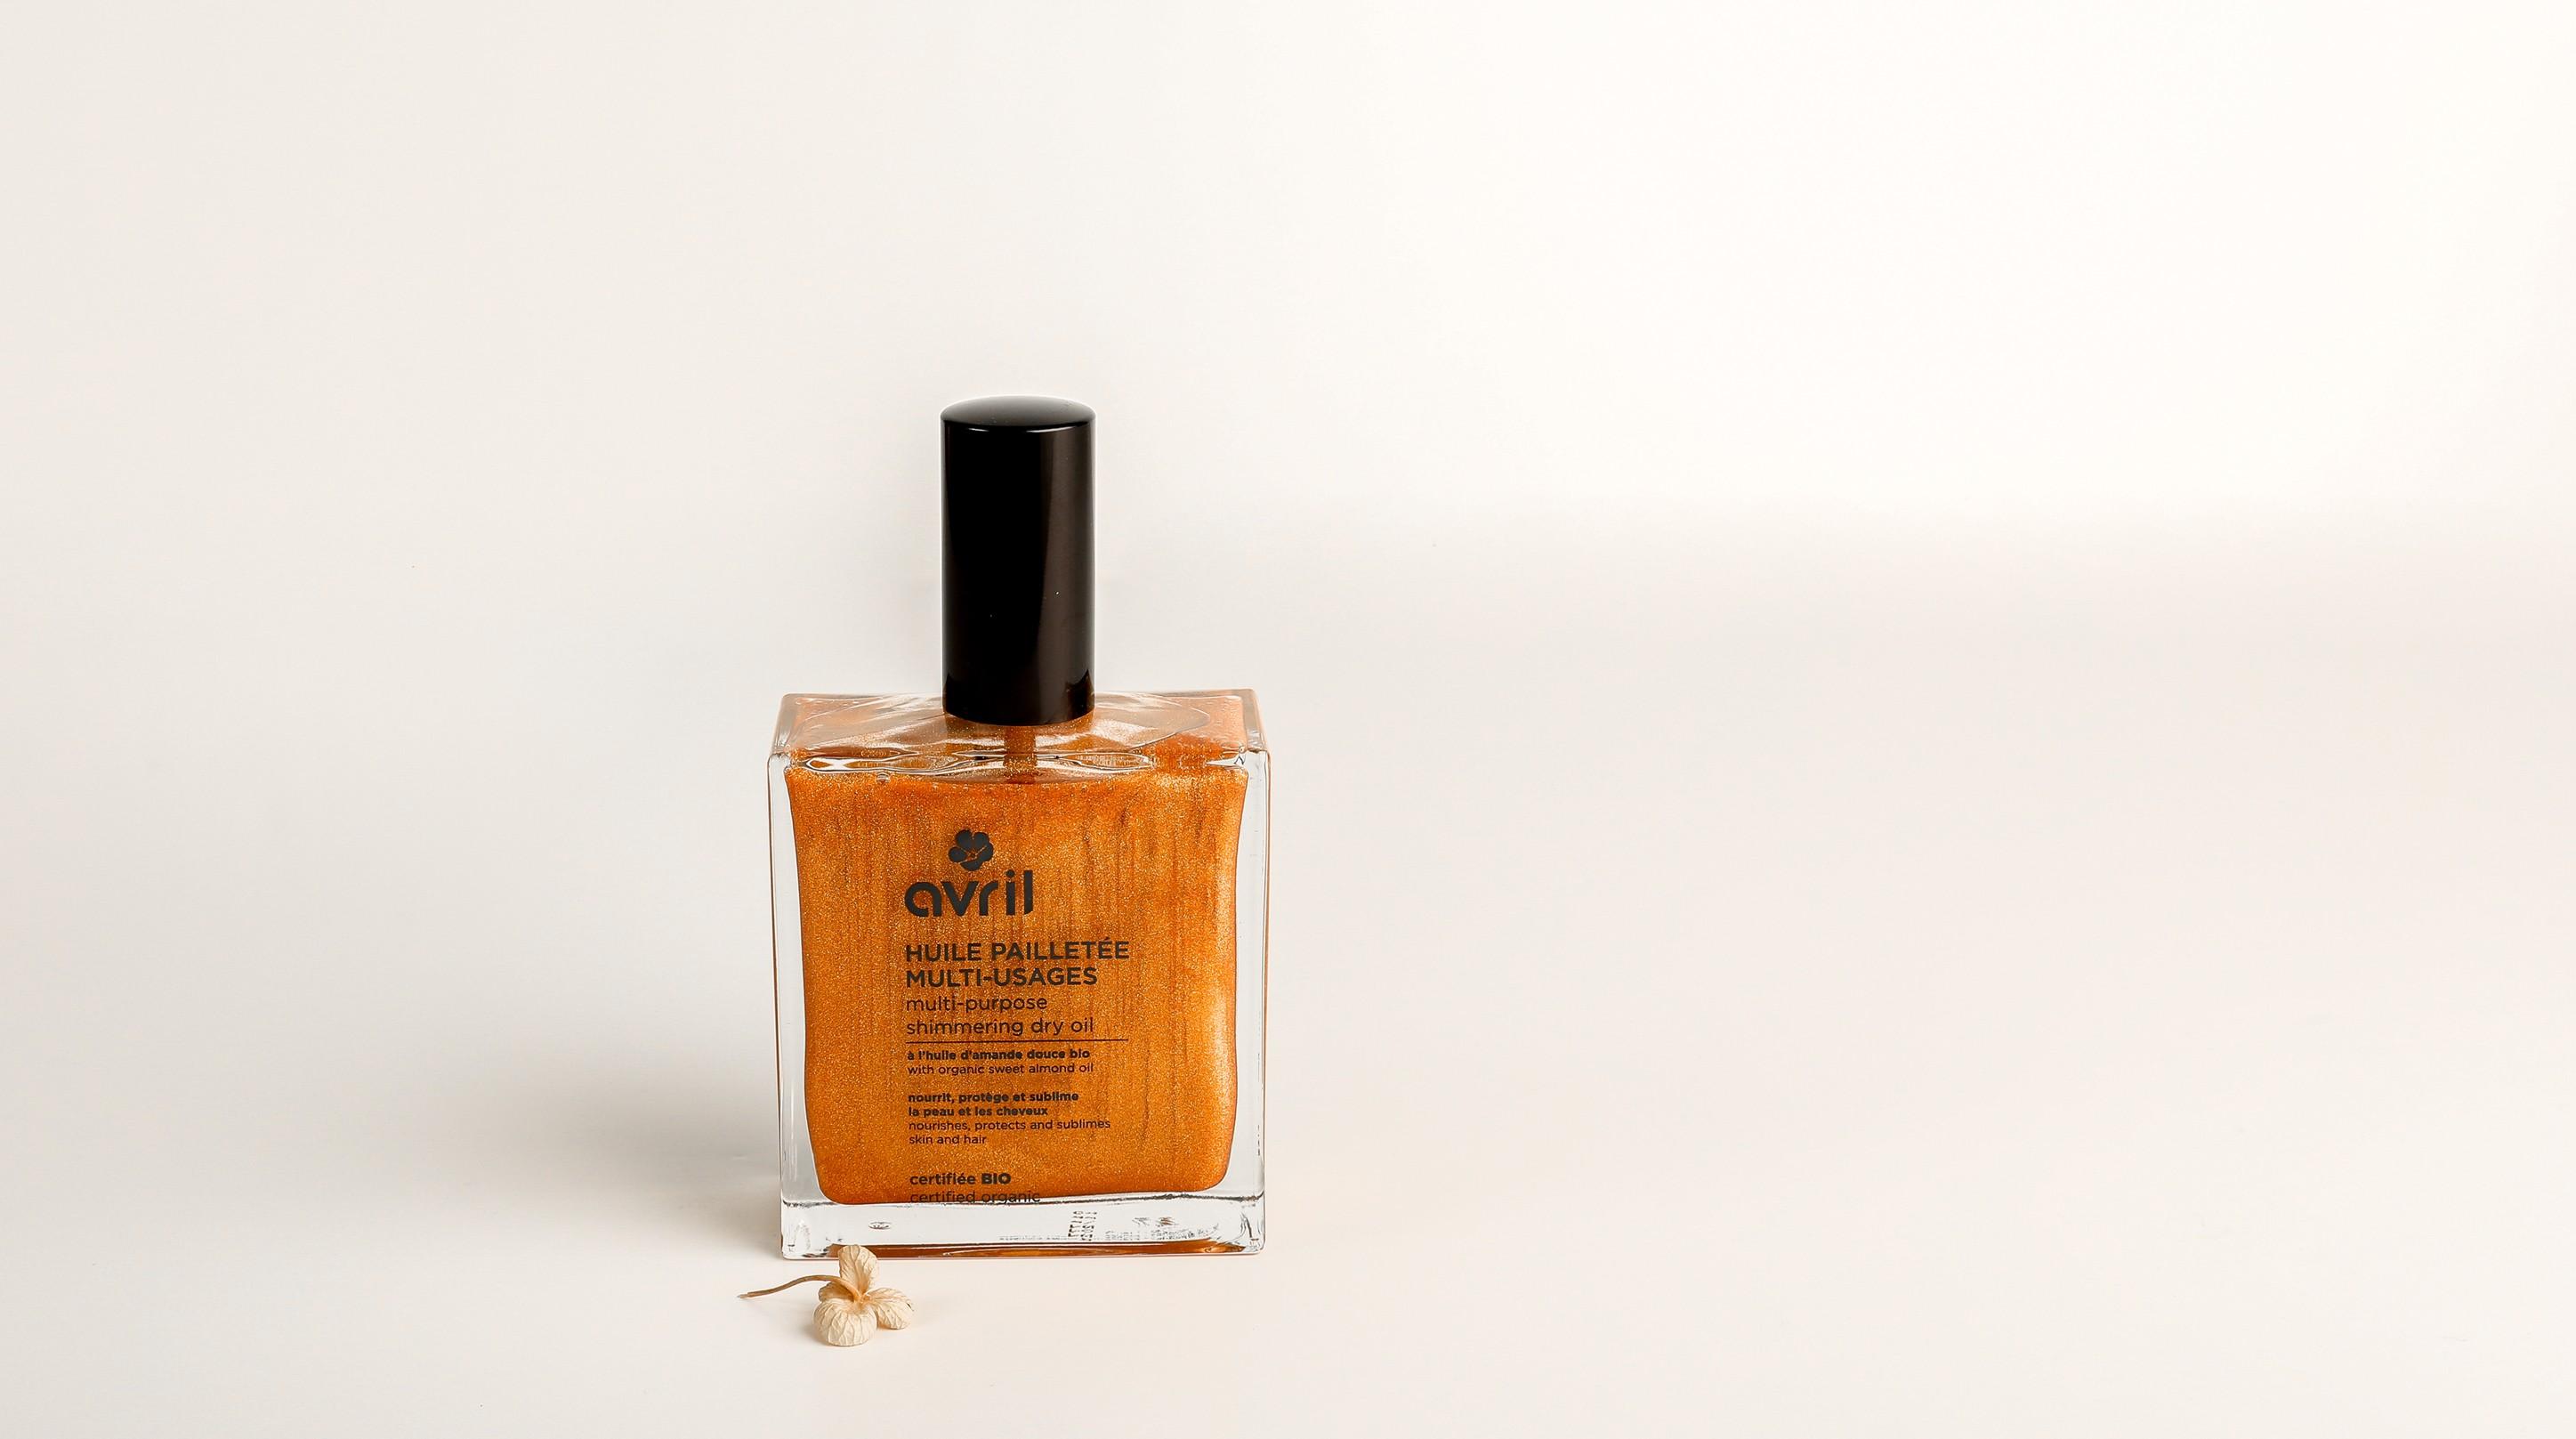 Organic shimmering dry oil